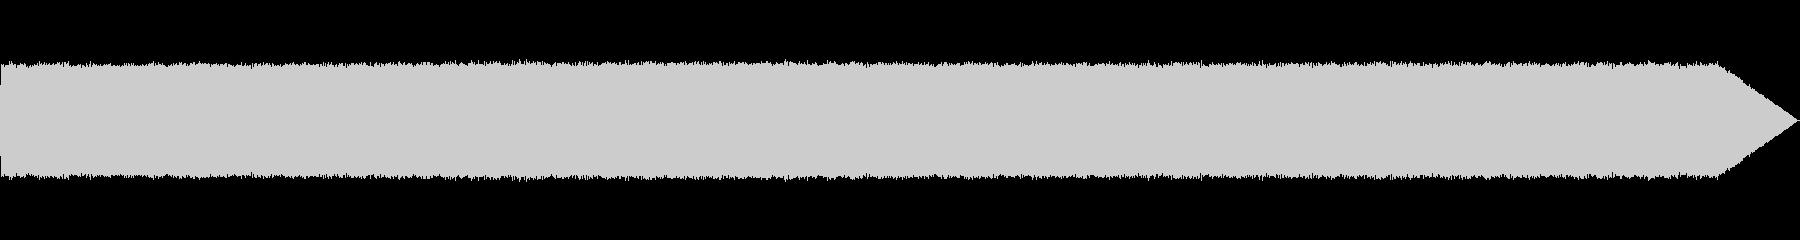 マイクロギターアンプの駆動ノイズ03の未再生の波形